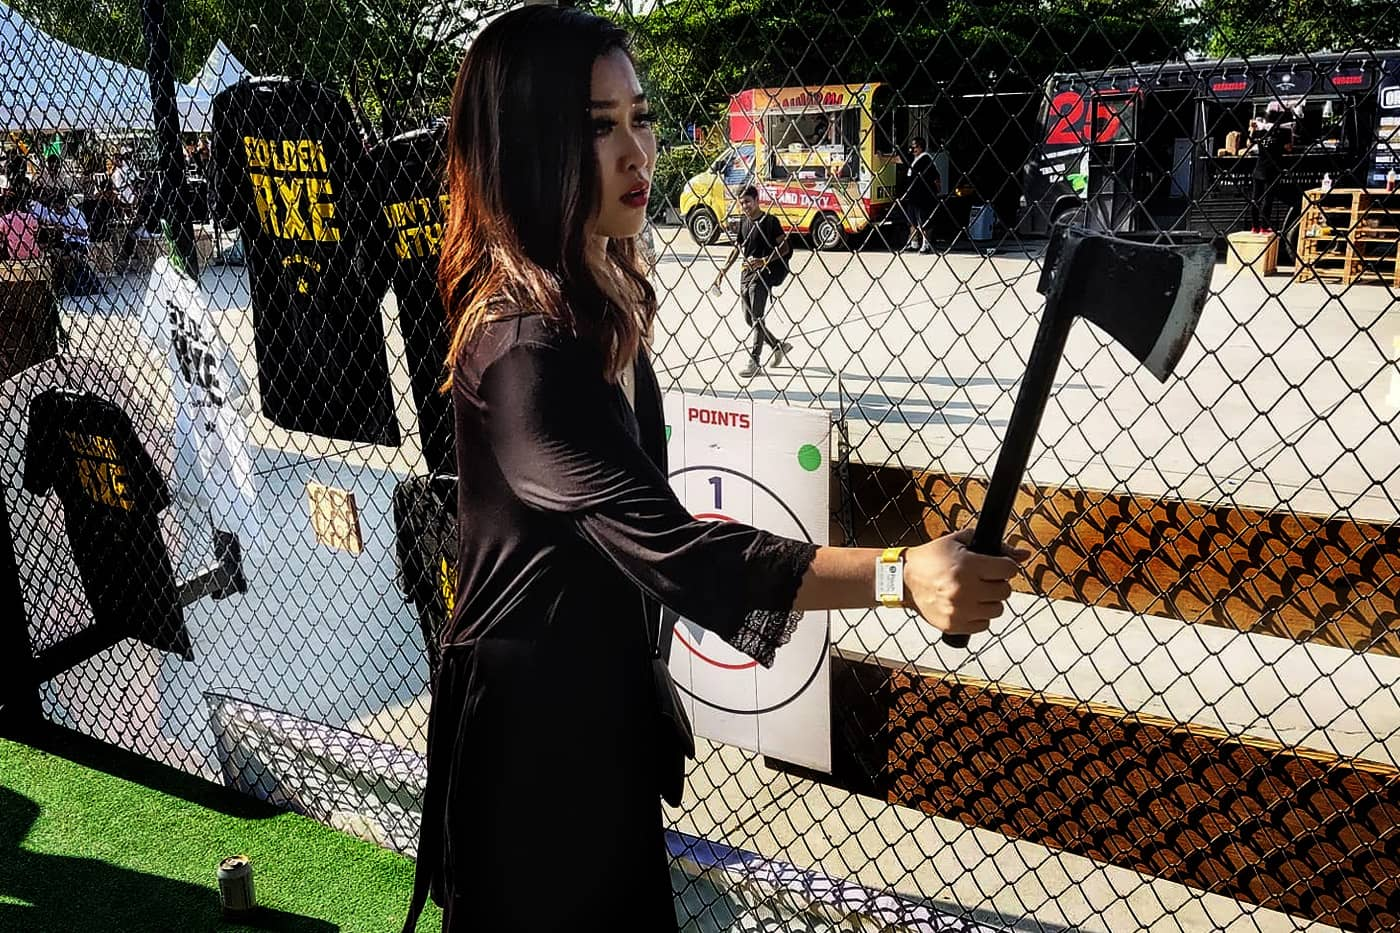 Thai Girl Axe Throwing